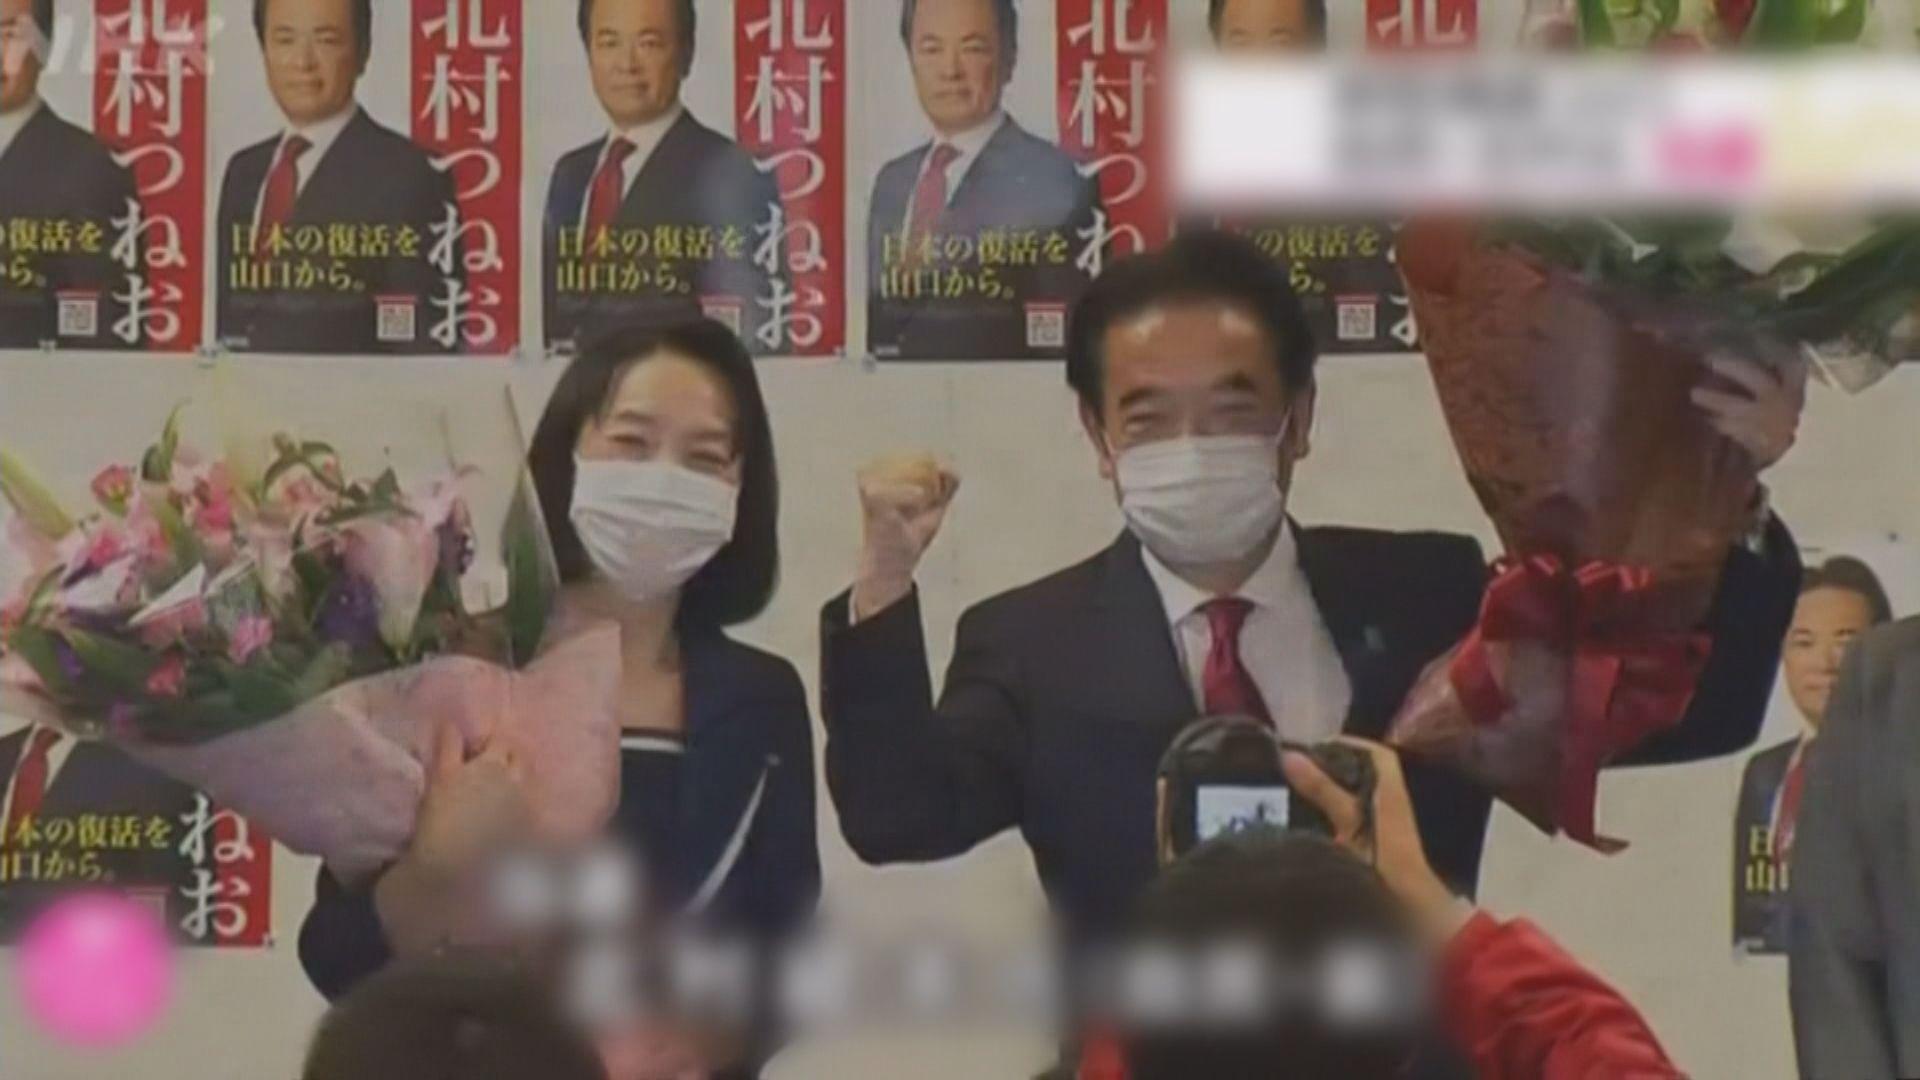 日本參議院兩區補選執政自民黨一勝一負